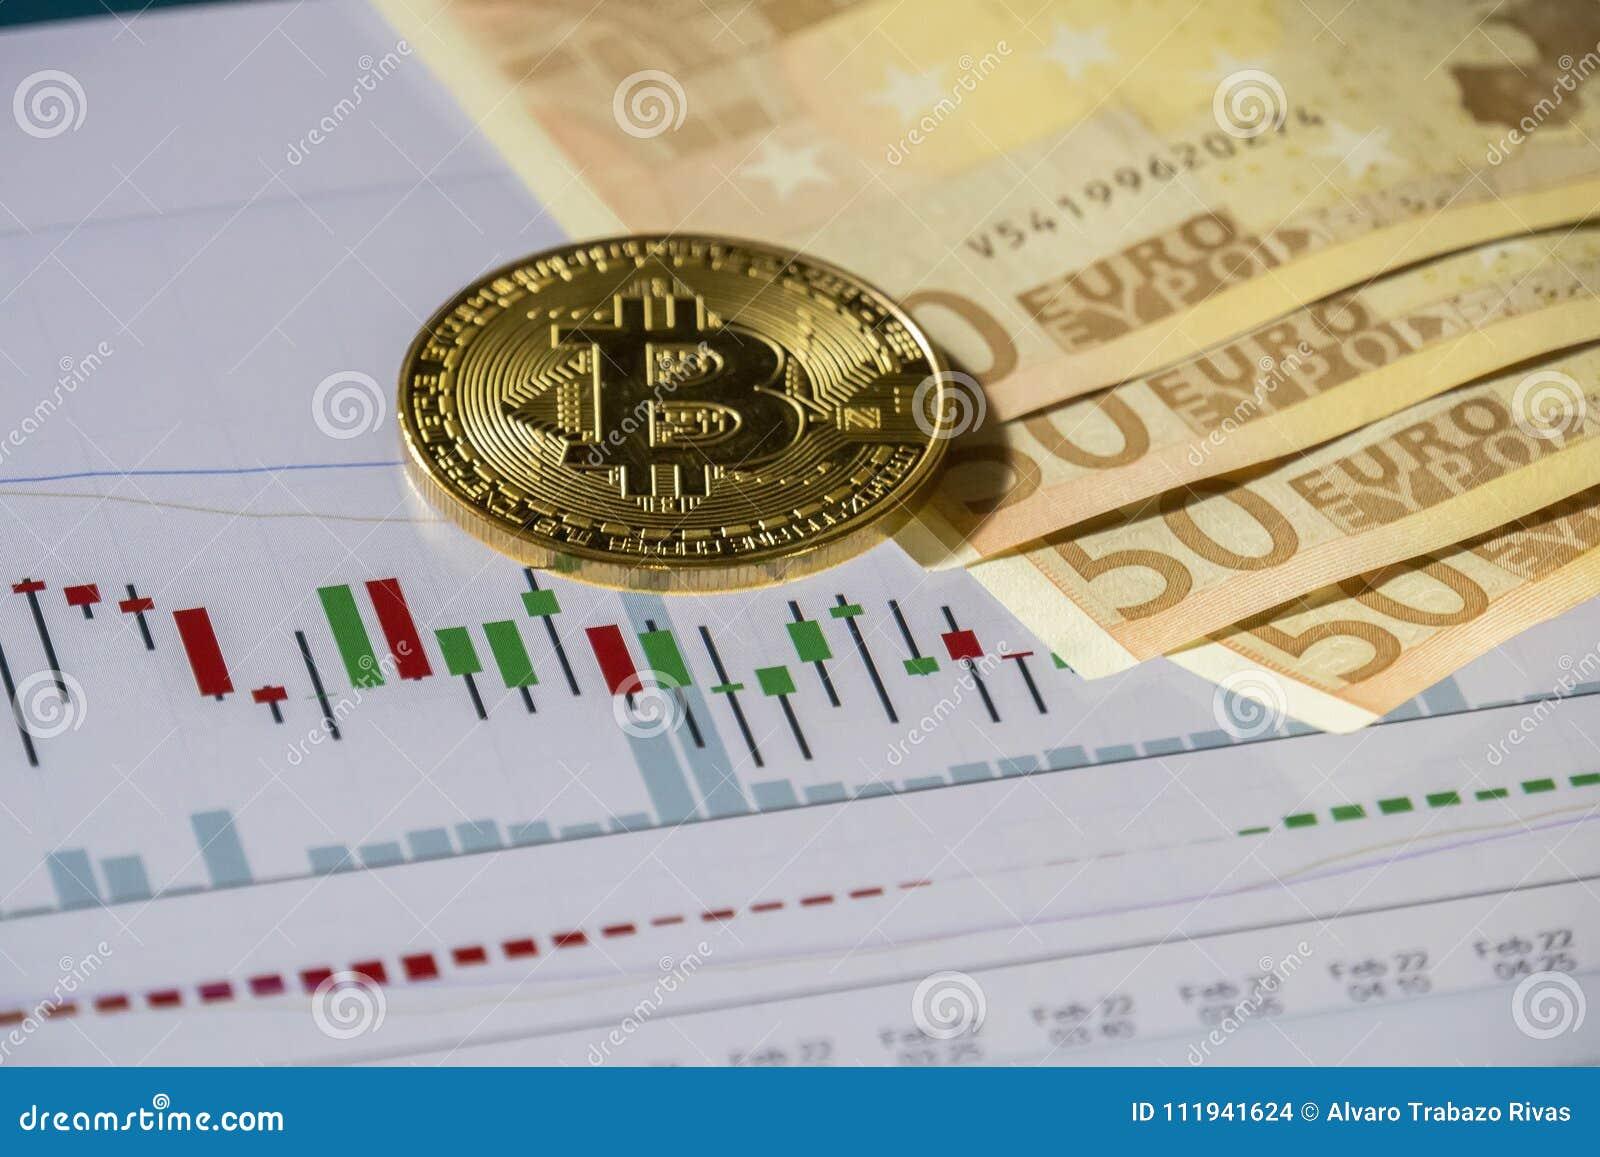 trading euro bitcoin)